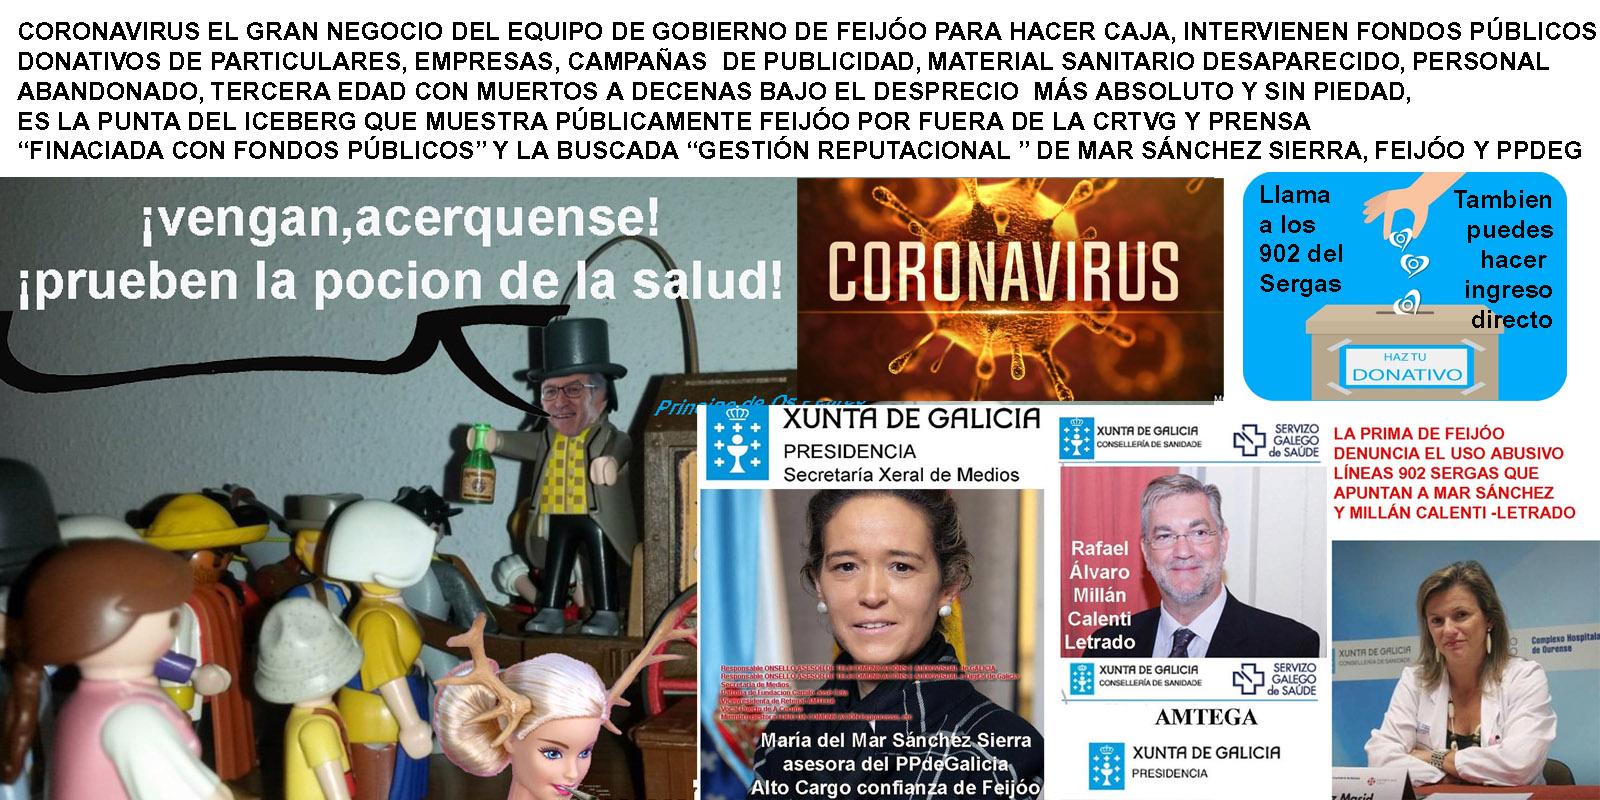 Asesora PPdeG en la Xunta, Mar Sánchez Sierra sigue sin hacer públicos los  donativos que pedía en todos los medios de comunicación en nombre del  Covid19. ¡ preguntamos, estarán en las OFF